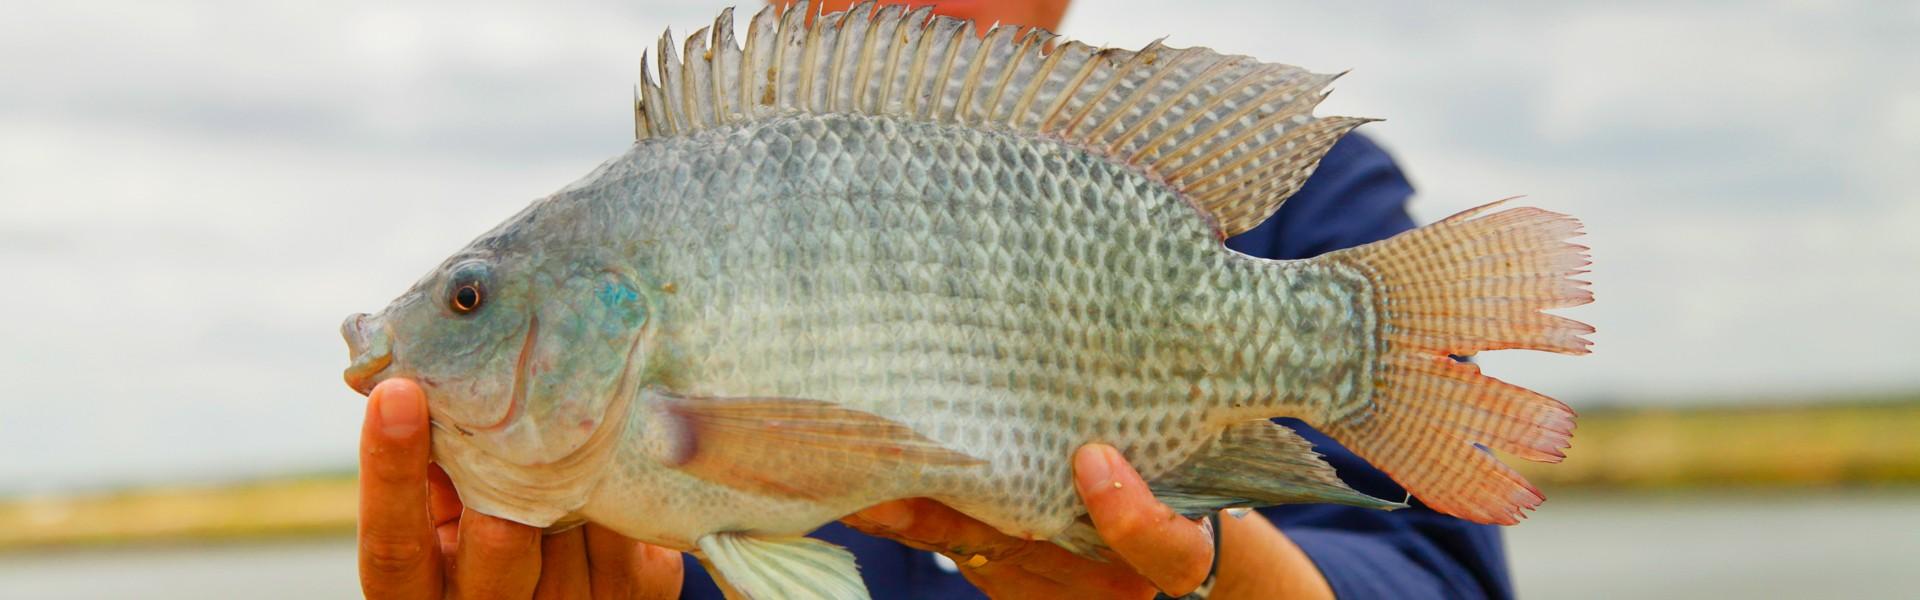 Semana do Pescado revela que brasileiro está comendo mais peixe